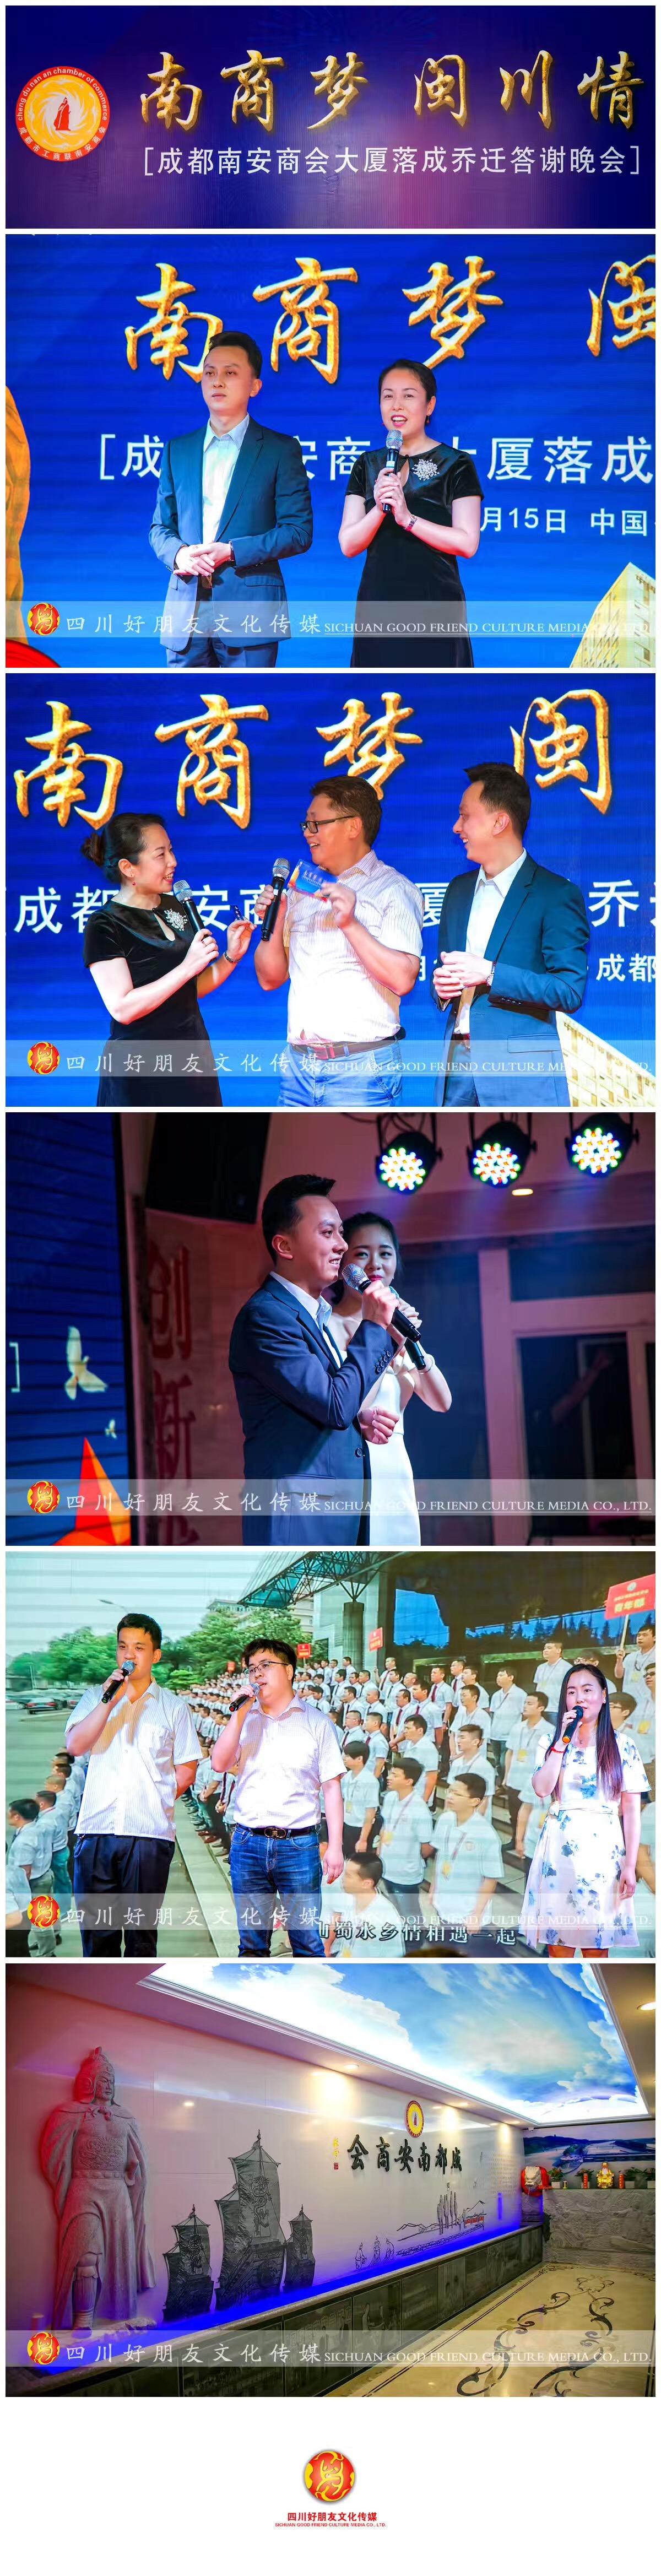 雷竞技南安雷竞技官网大厦乔迁雷竞技电竞平台